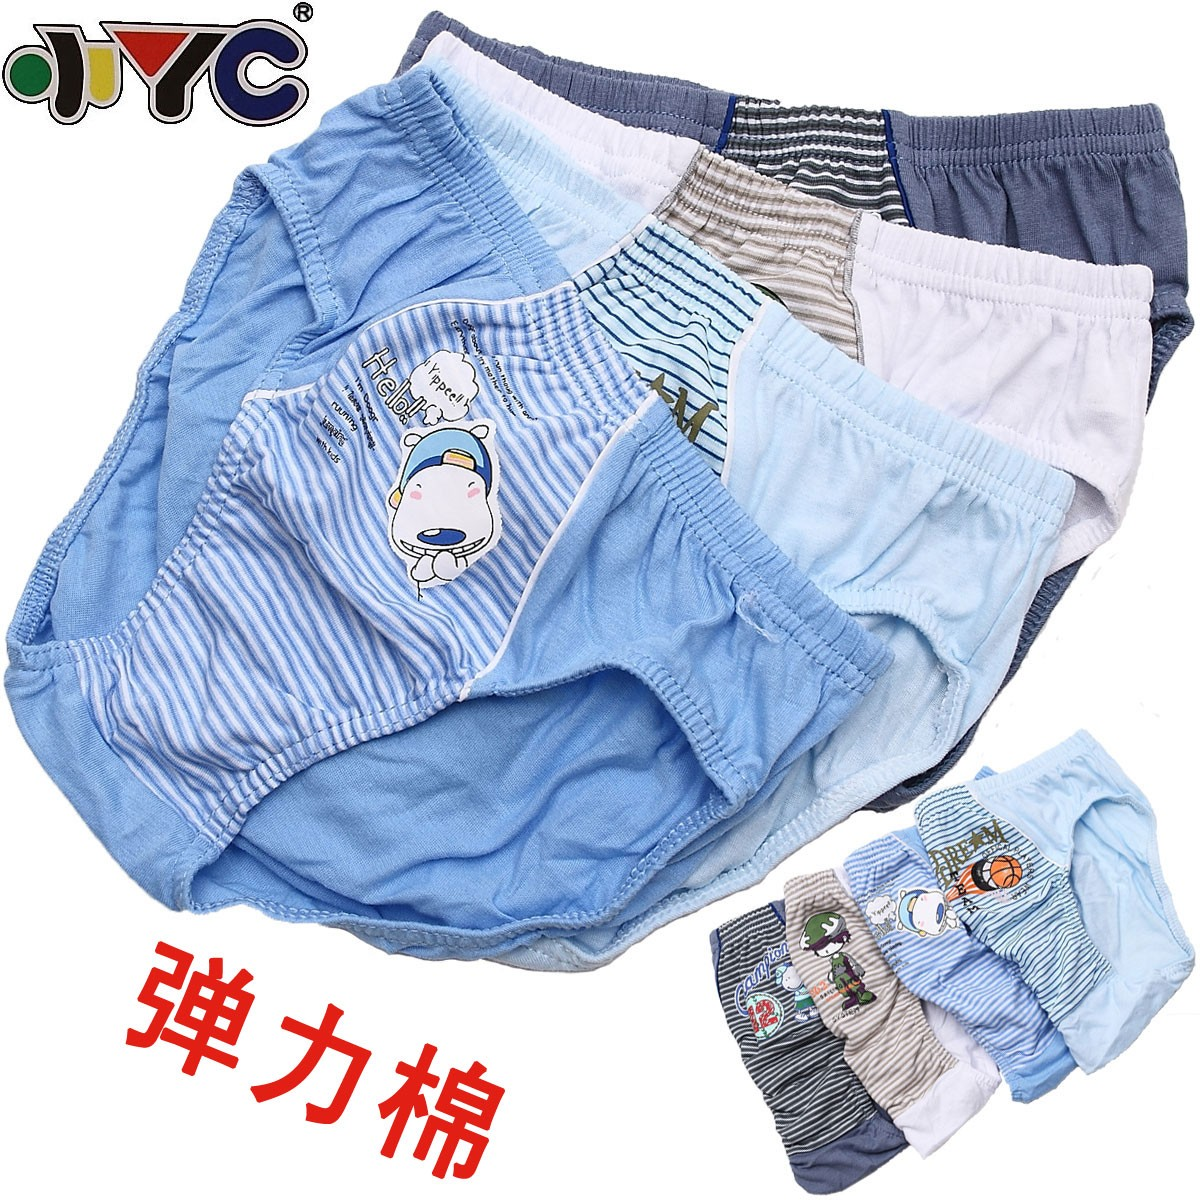 [淘寶網] 正品小YC兒童三角內褲男童純棉透氣卡通男童內褲全棉三角短褲包郵